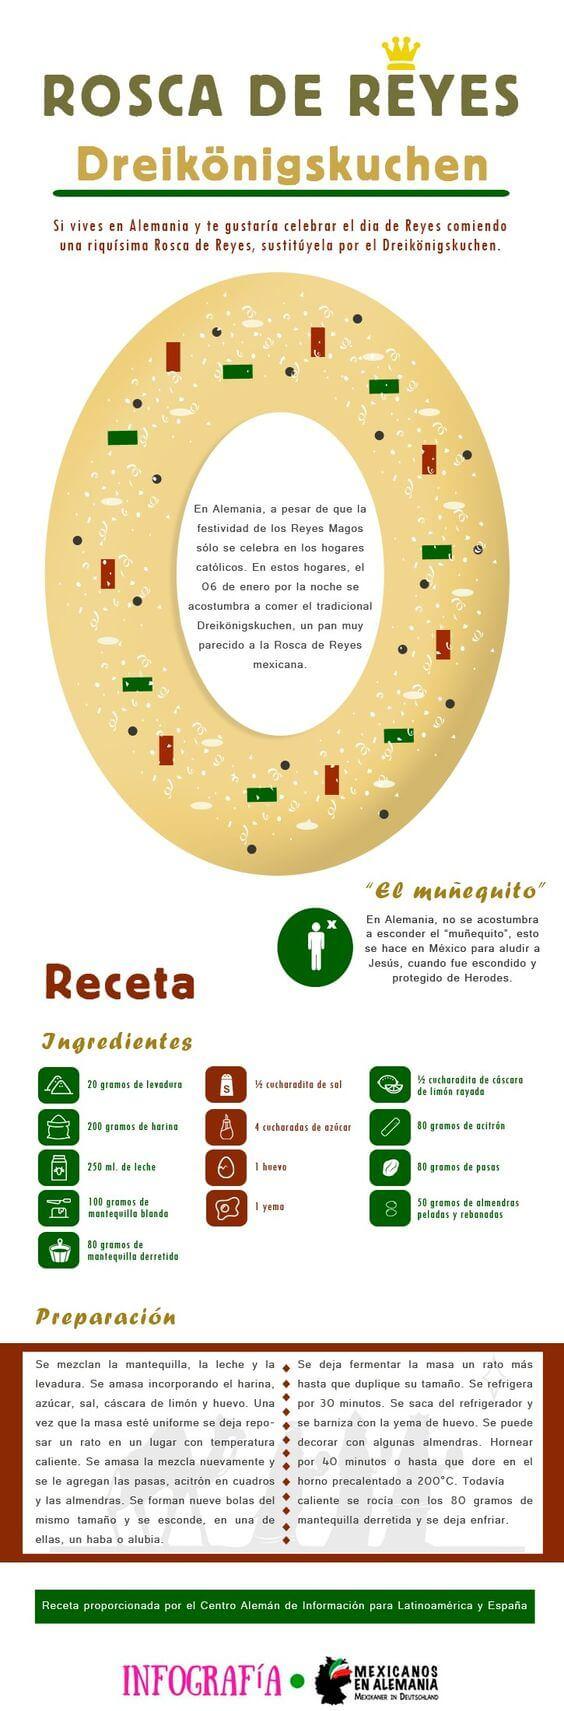 roscadereyes-infografia